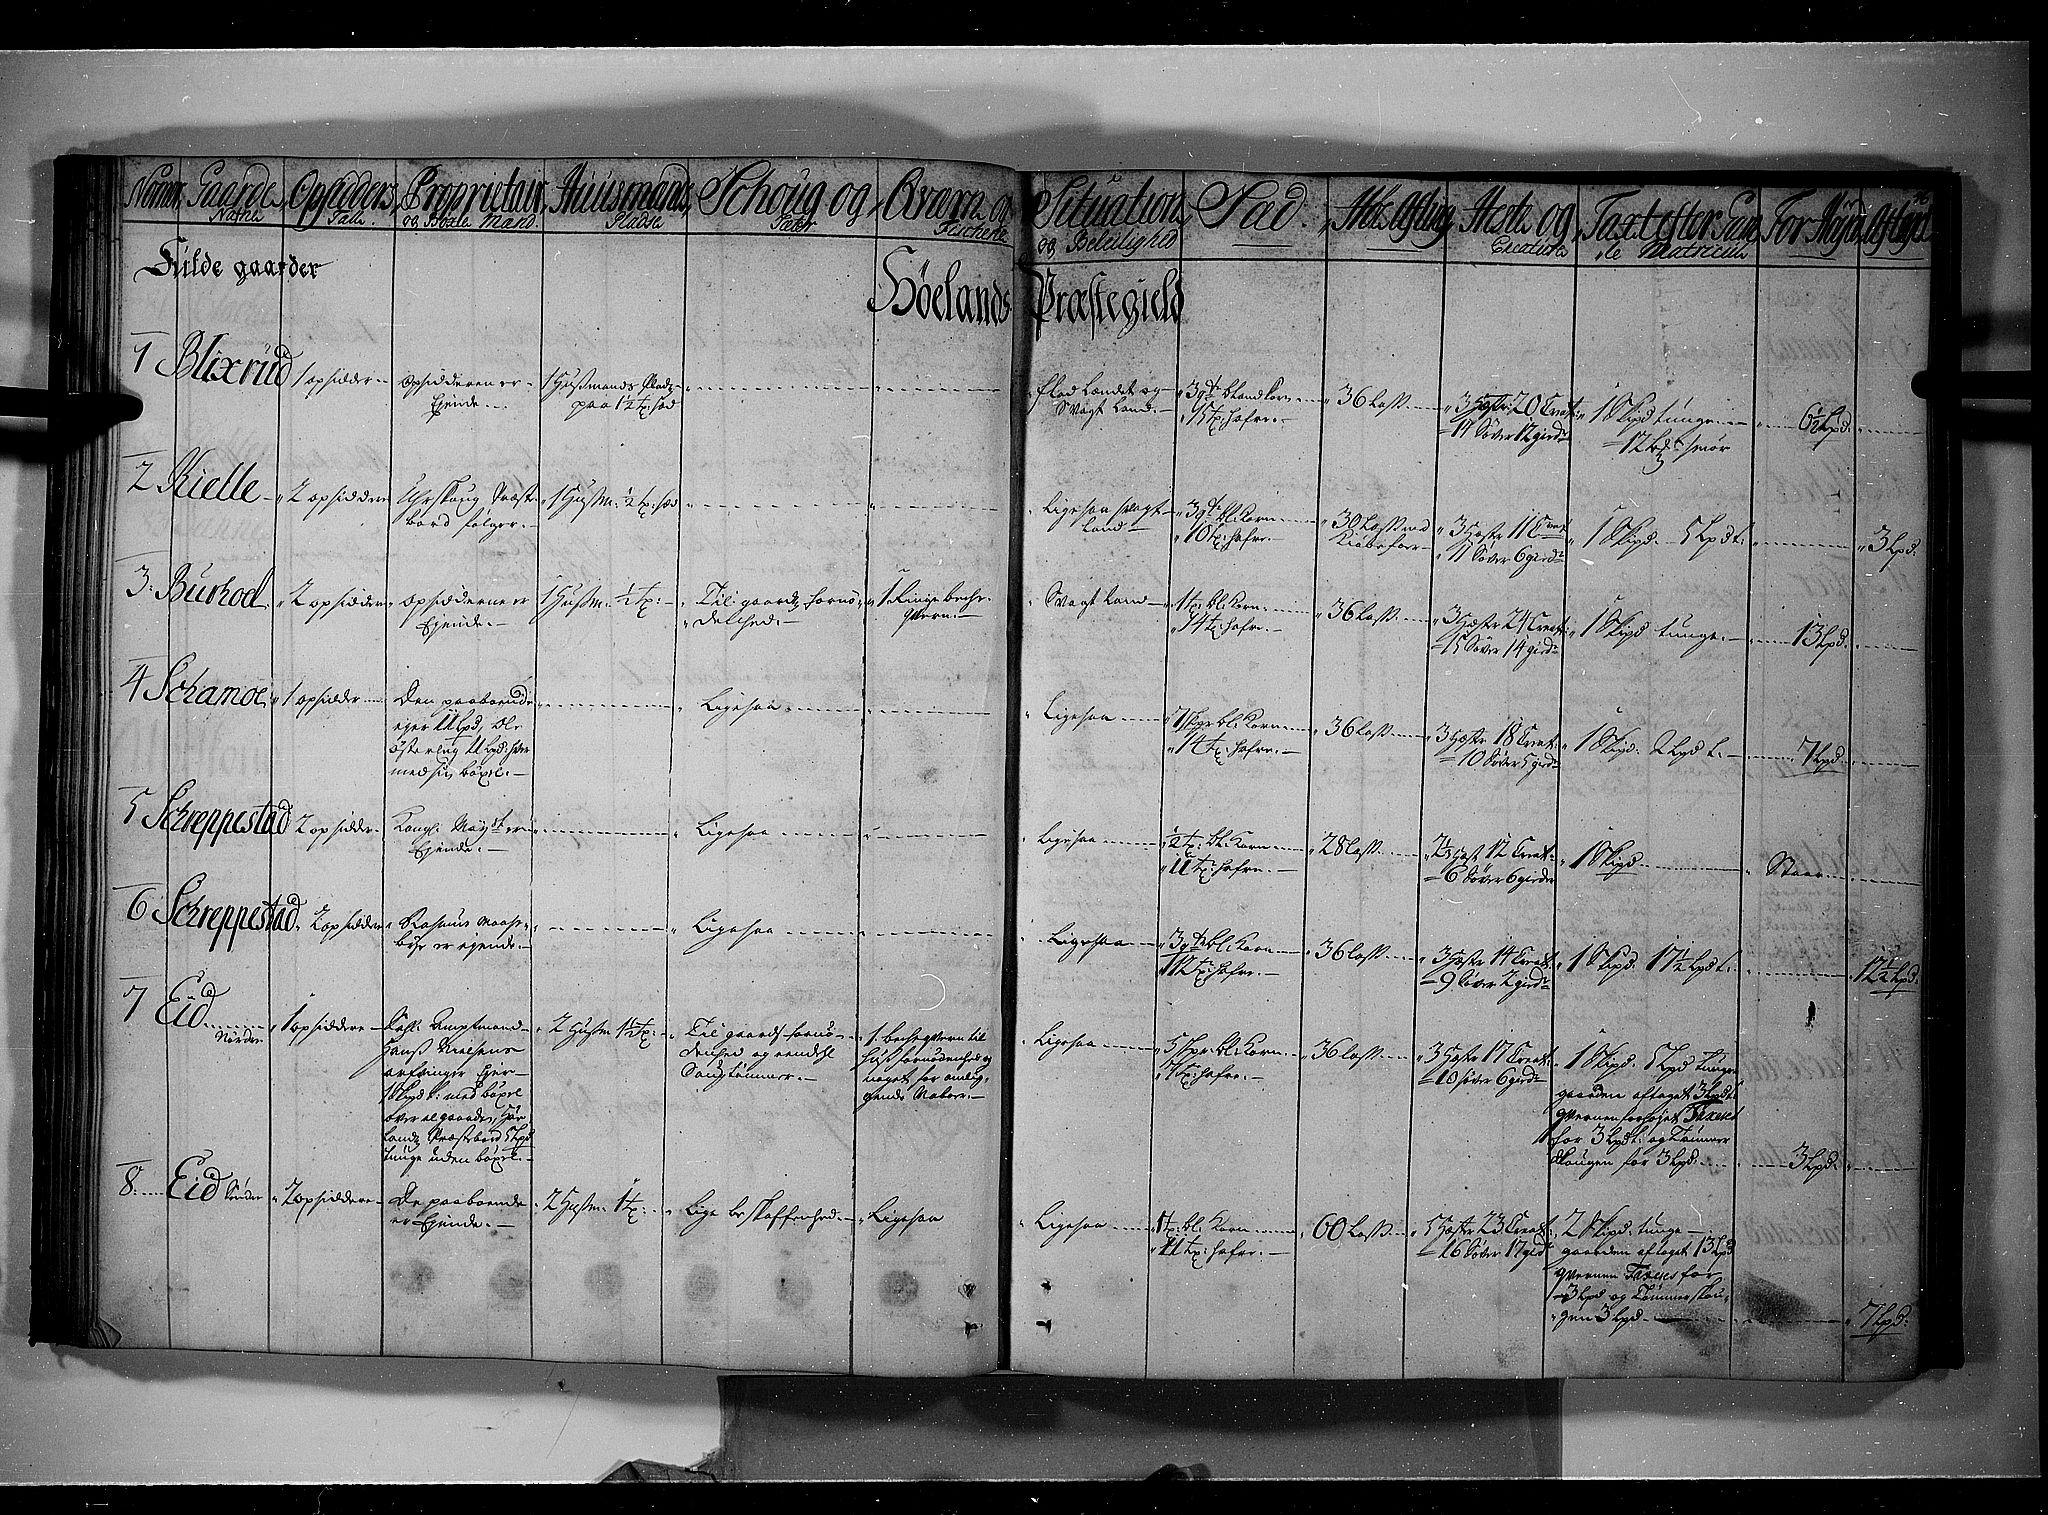 RA, Rentekammeret inntil 1814, Realistisk ordnet avdeling, N/Nb/Nbf/L0091: Nedre Romerike eksaminasjonsprotokoll, 1723, s. 45b-46a